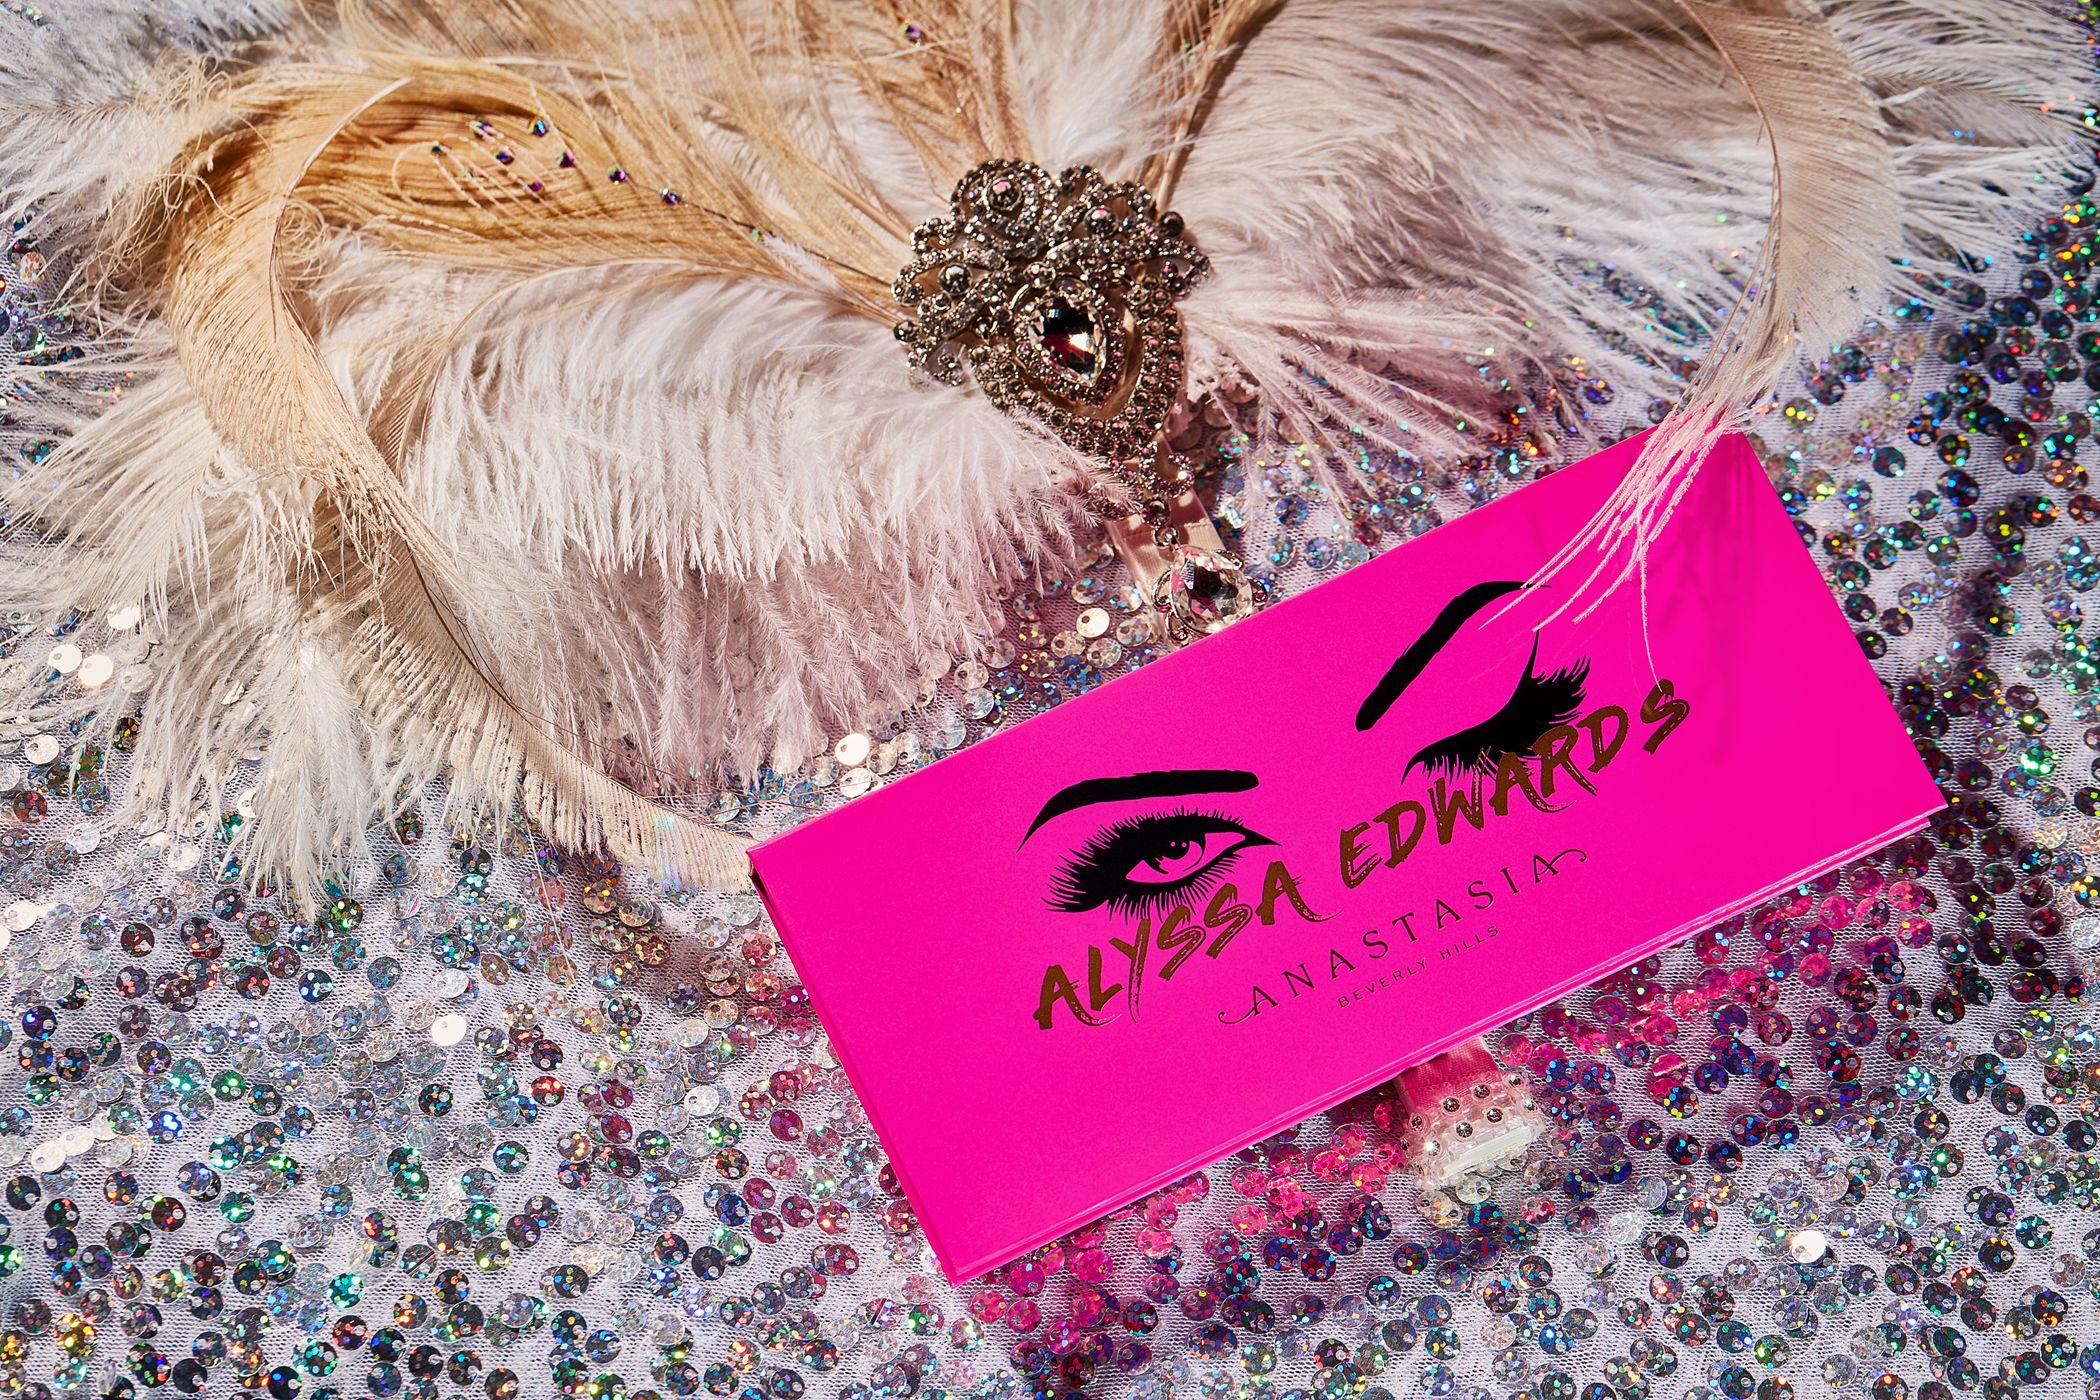 LIMITED EDITION ABH X Alyssa Edwards Beast Fan Launch Edition